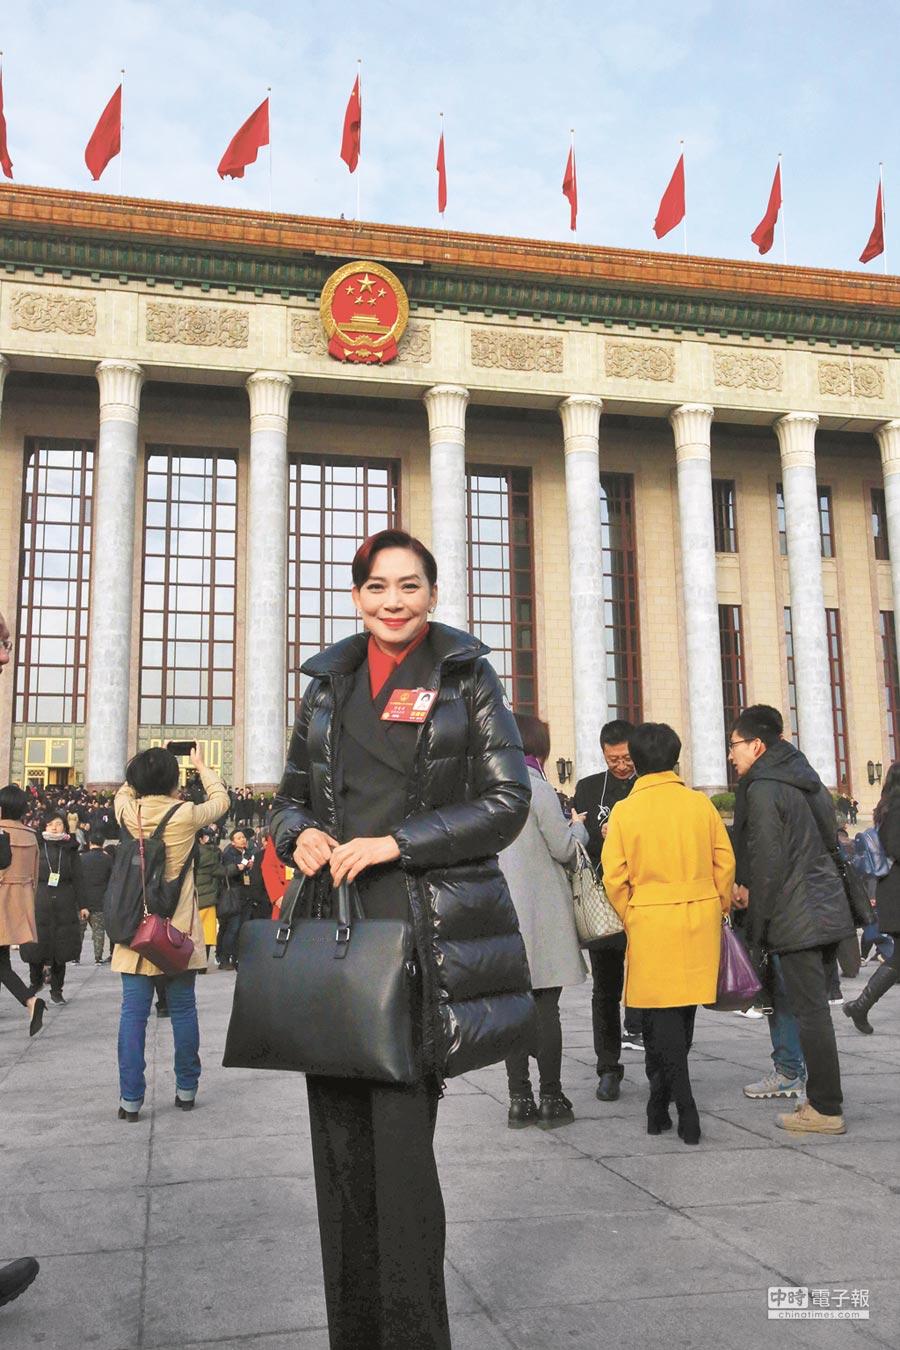 香港區人大代表鄺美雲參加第十三屆全國人大會議。(中新社資料照片)